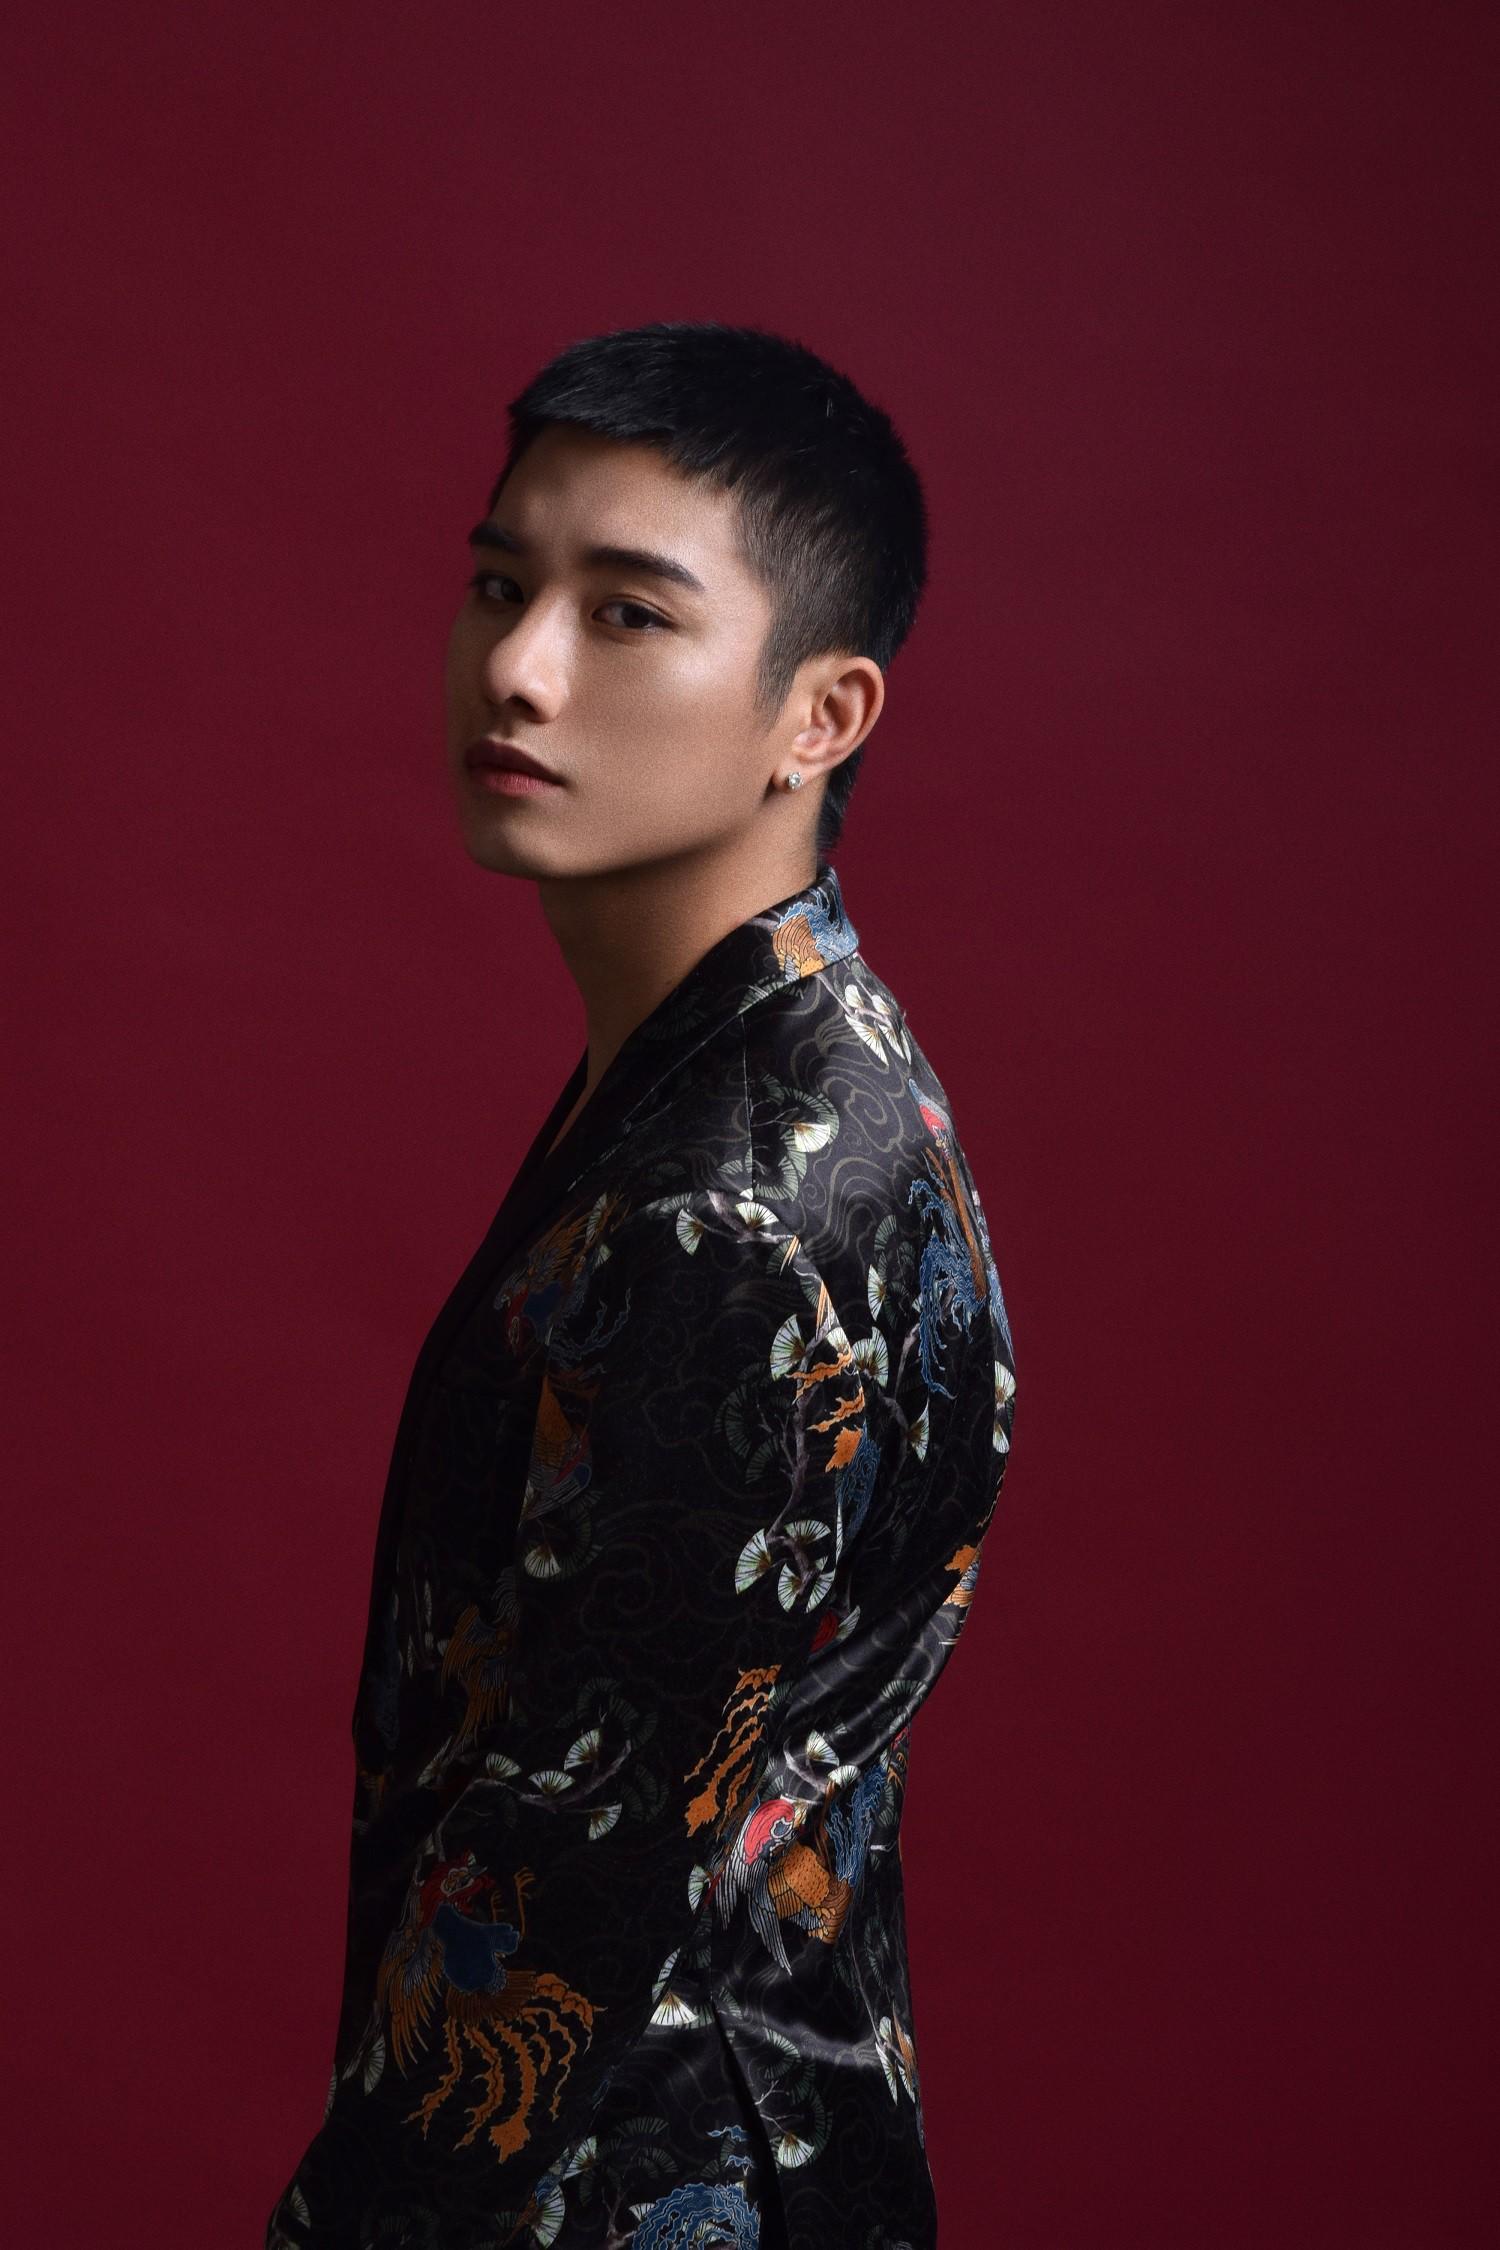 Không còn là hot boy đậm màu sắc Kpop, Juun Đăng Dũng hướng đến hình ảnh lãng tử trong MV mới - Ảnh 7.